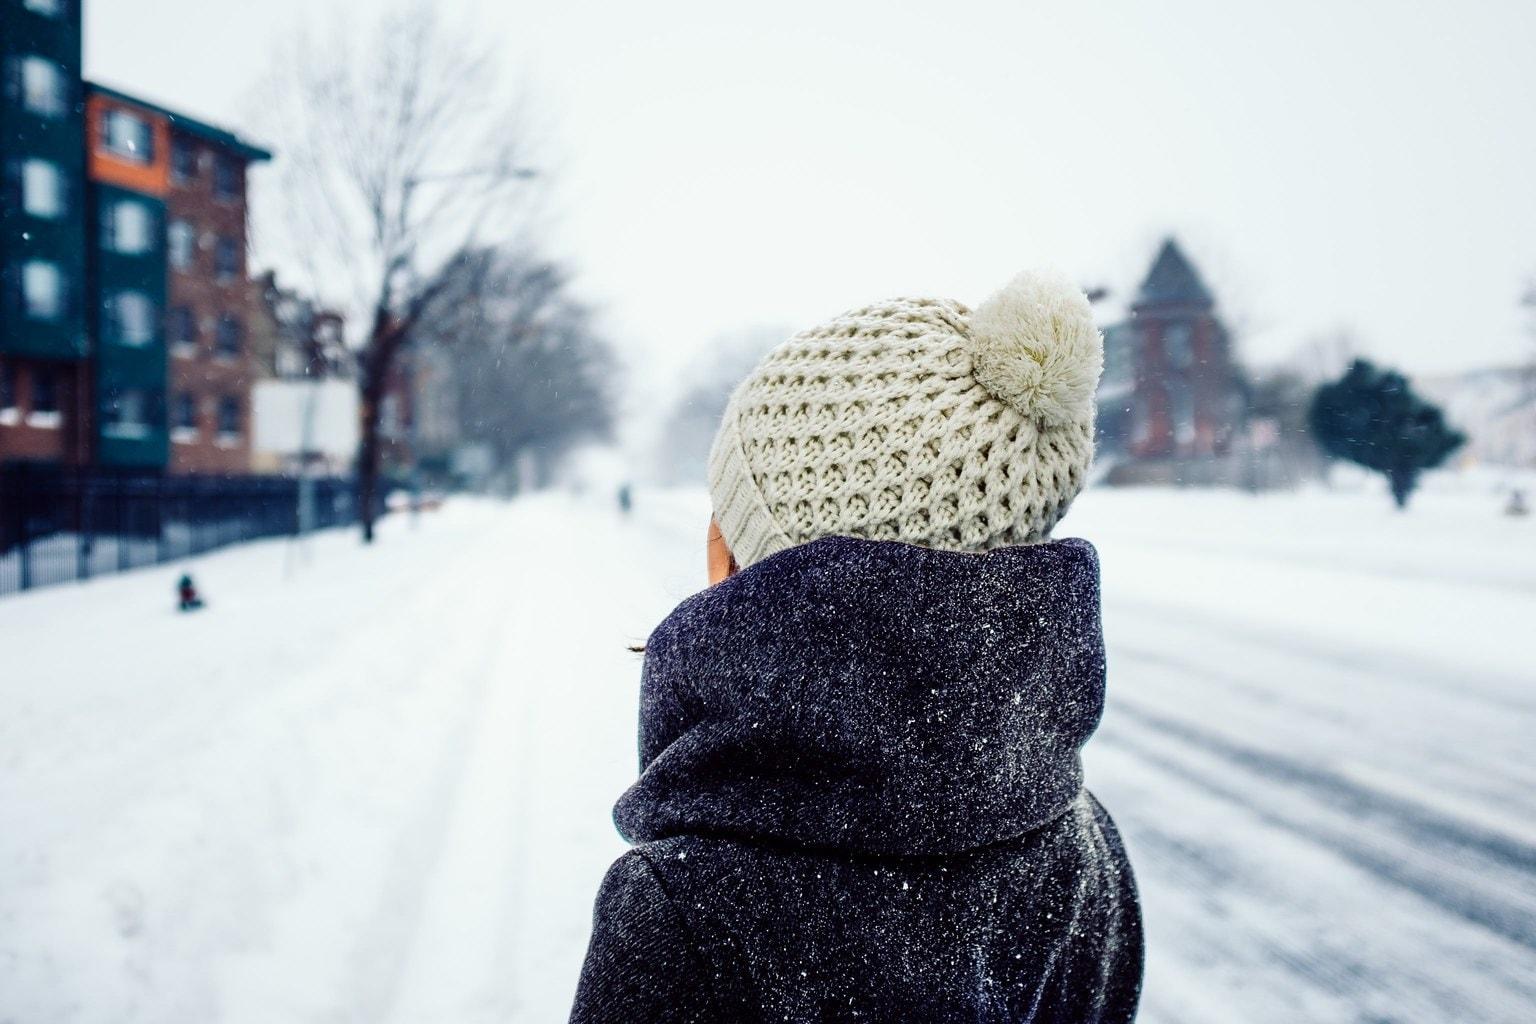 Woman wearing a beige winter knit hat in the snow